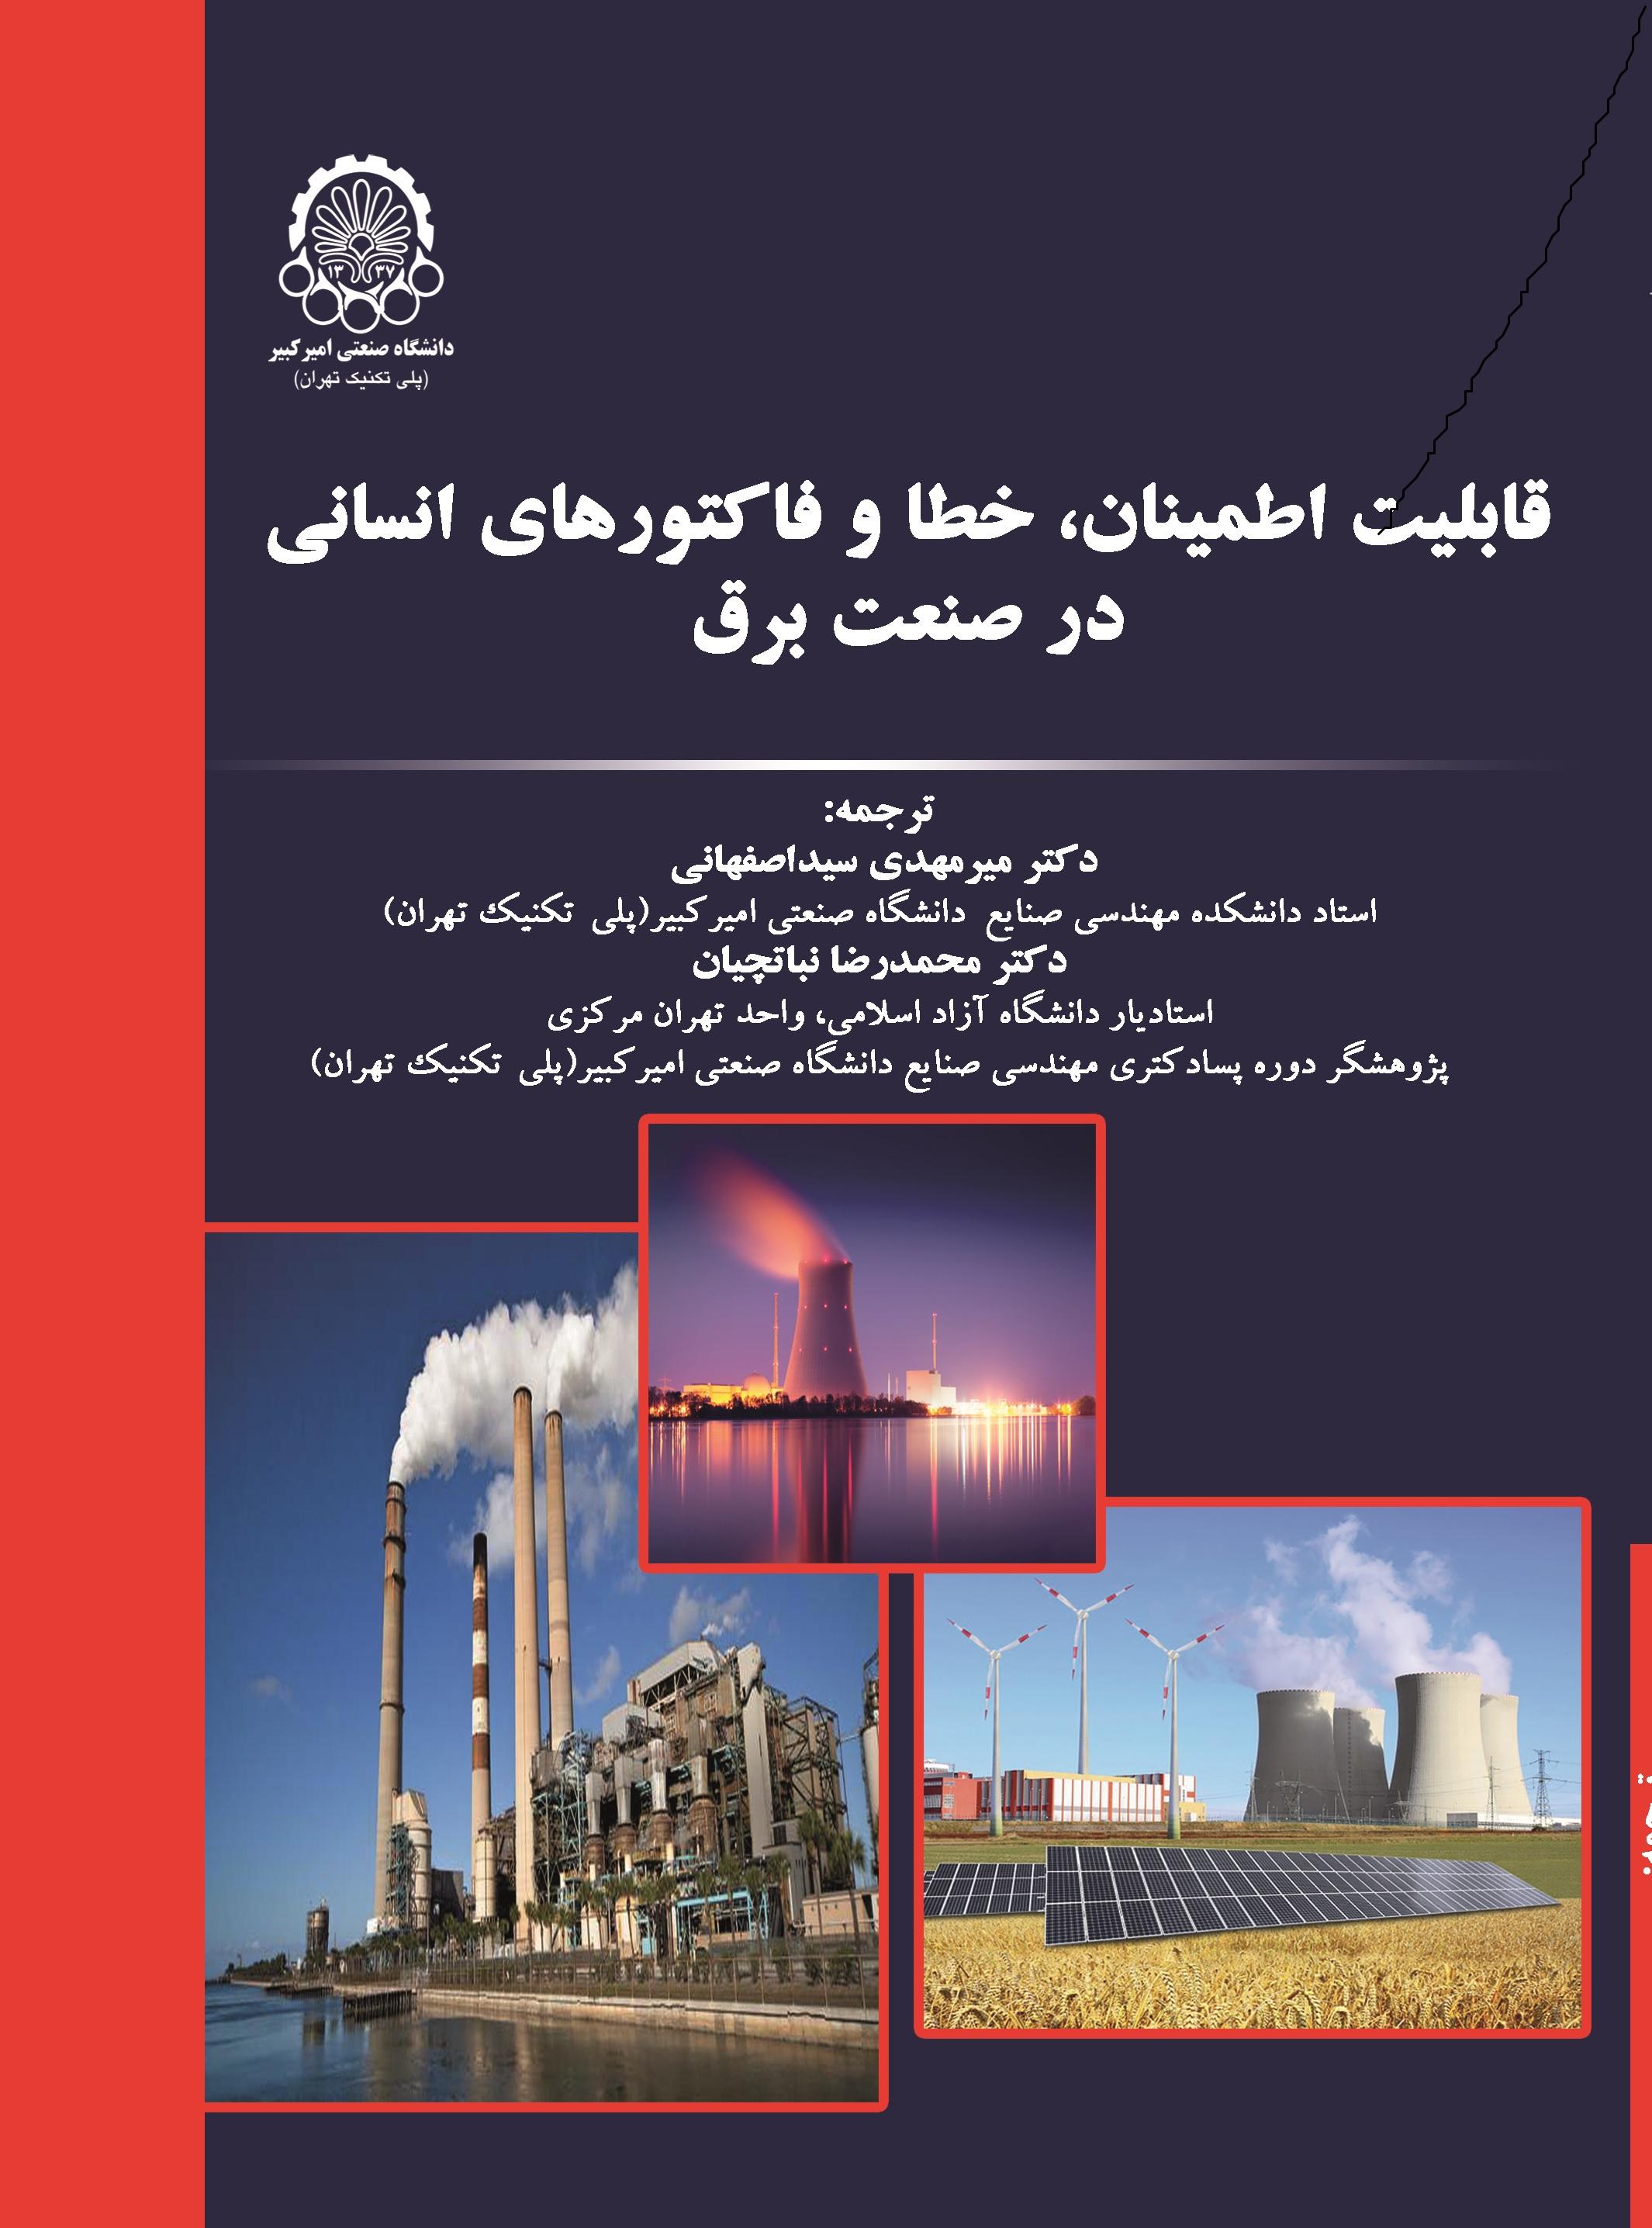 قابلیت اطمینان ،خطا وفاکتورهای انسانی در صنعت برق